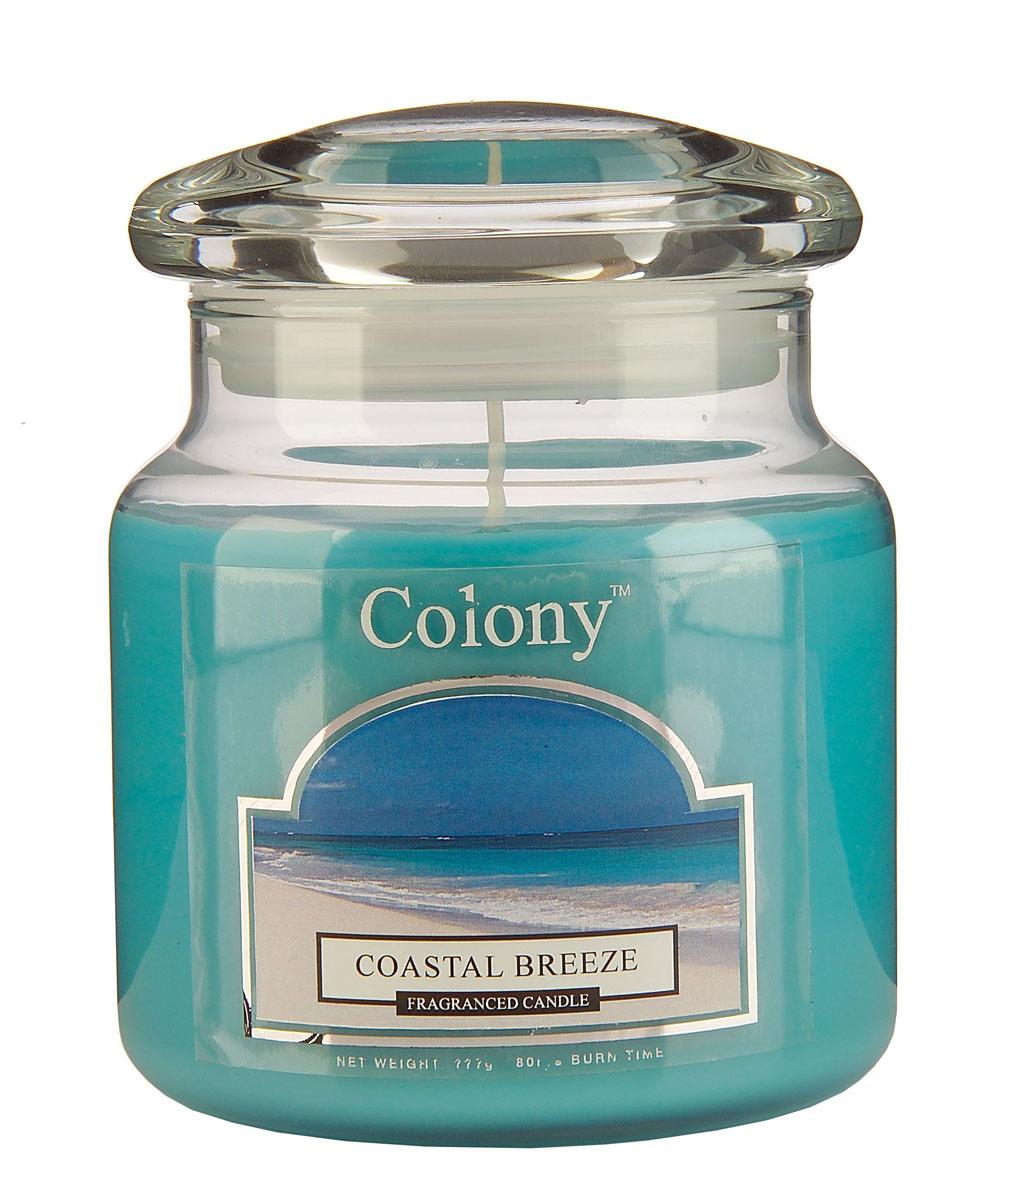 Wax Lyrical Морской бриз ароматизированная свеча в стекле средняя, 90 часов300074_ежевикаСвежий шипрово-цветочный аромат с инжирными оттенками